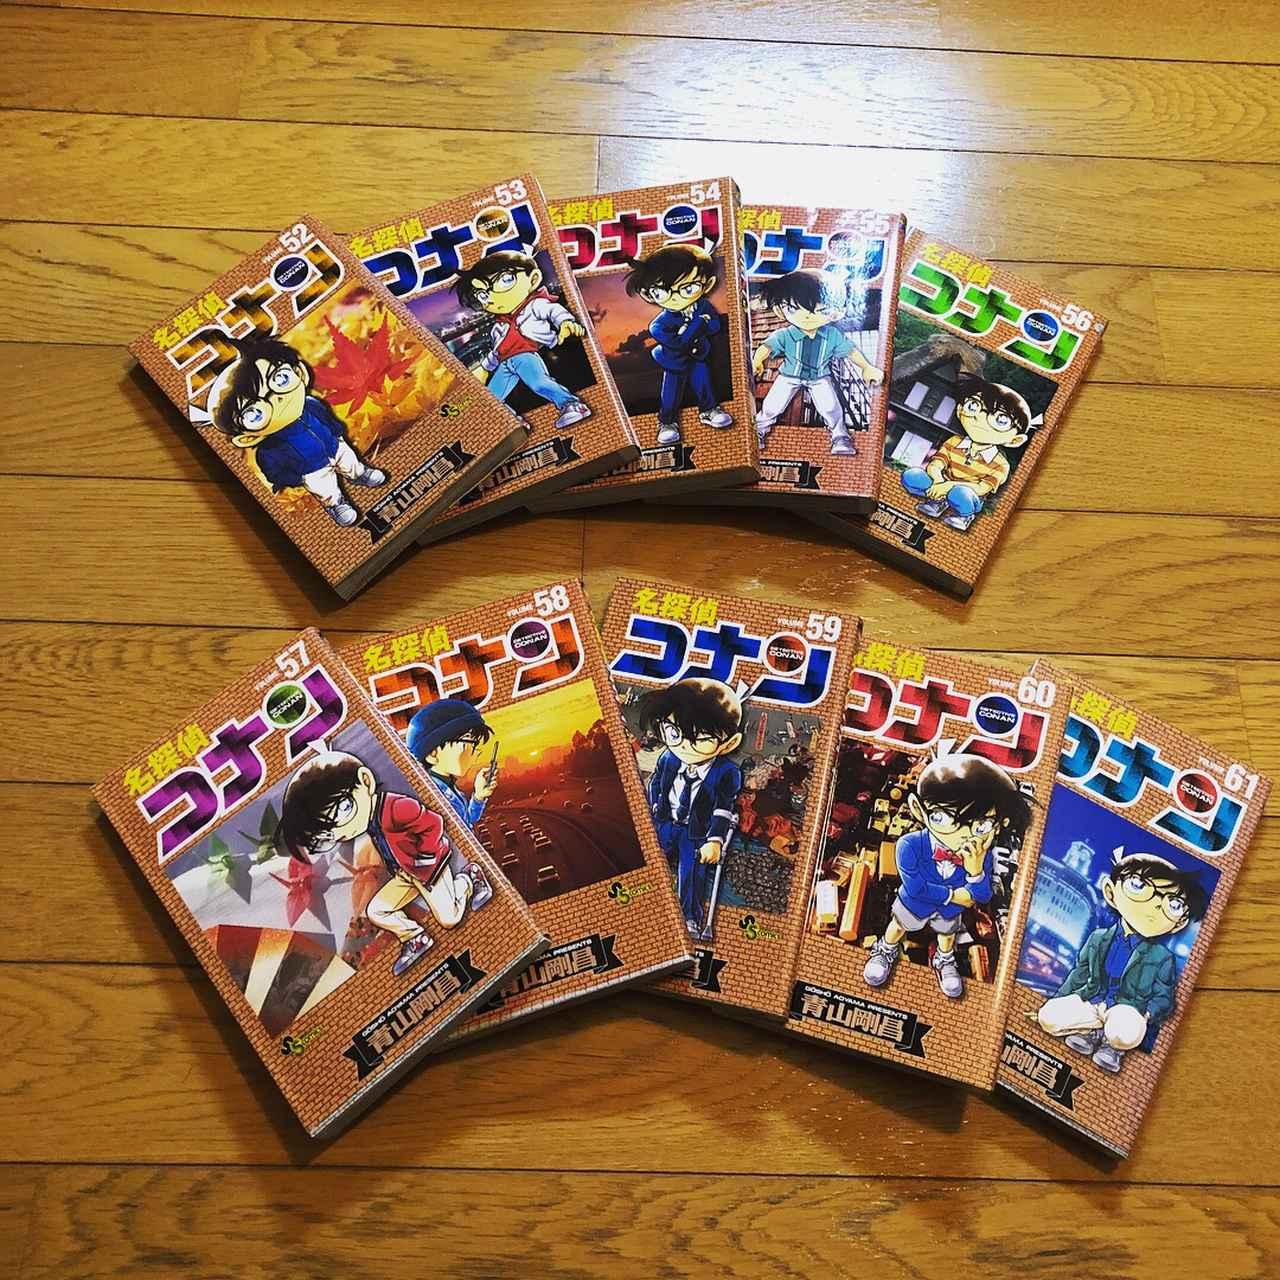 画像3: ぜひこれは読んでほしい!!ミク様オススメの漫画5選を紹介☆【水曜日のミク様】